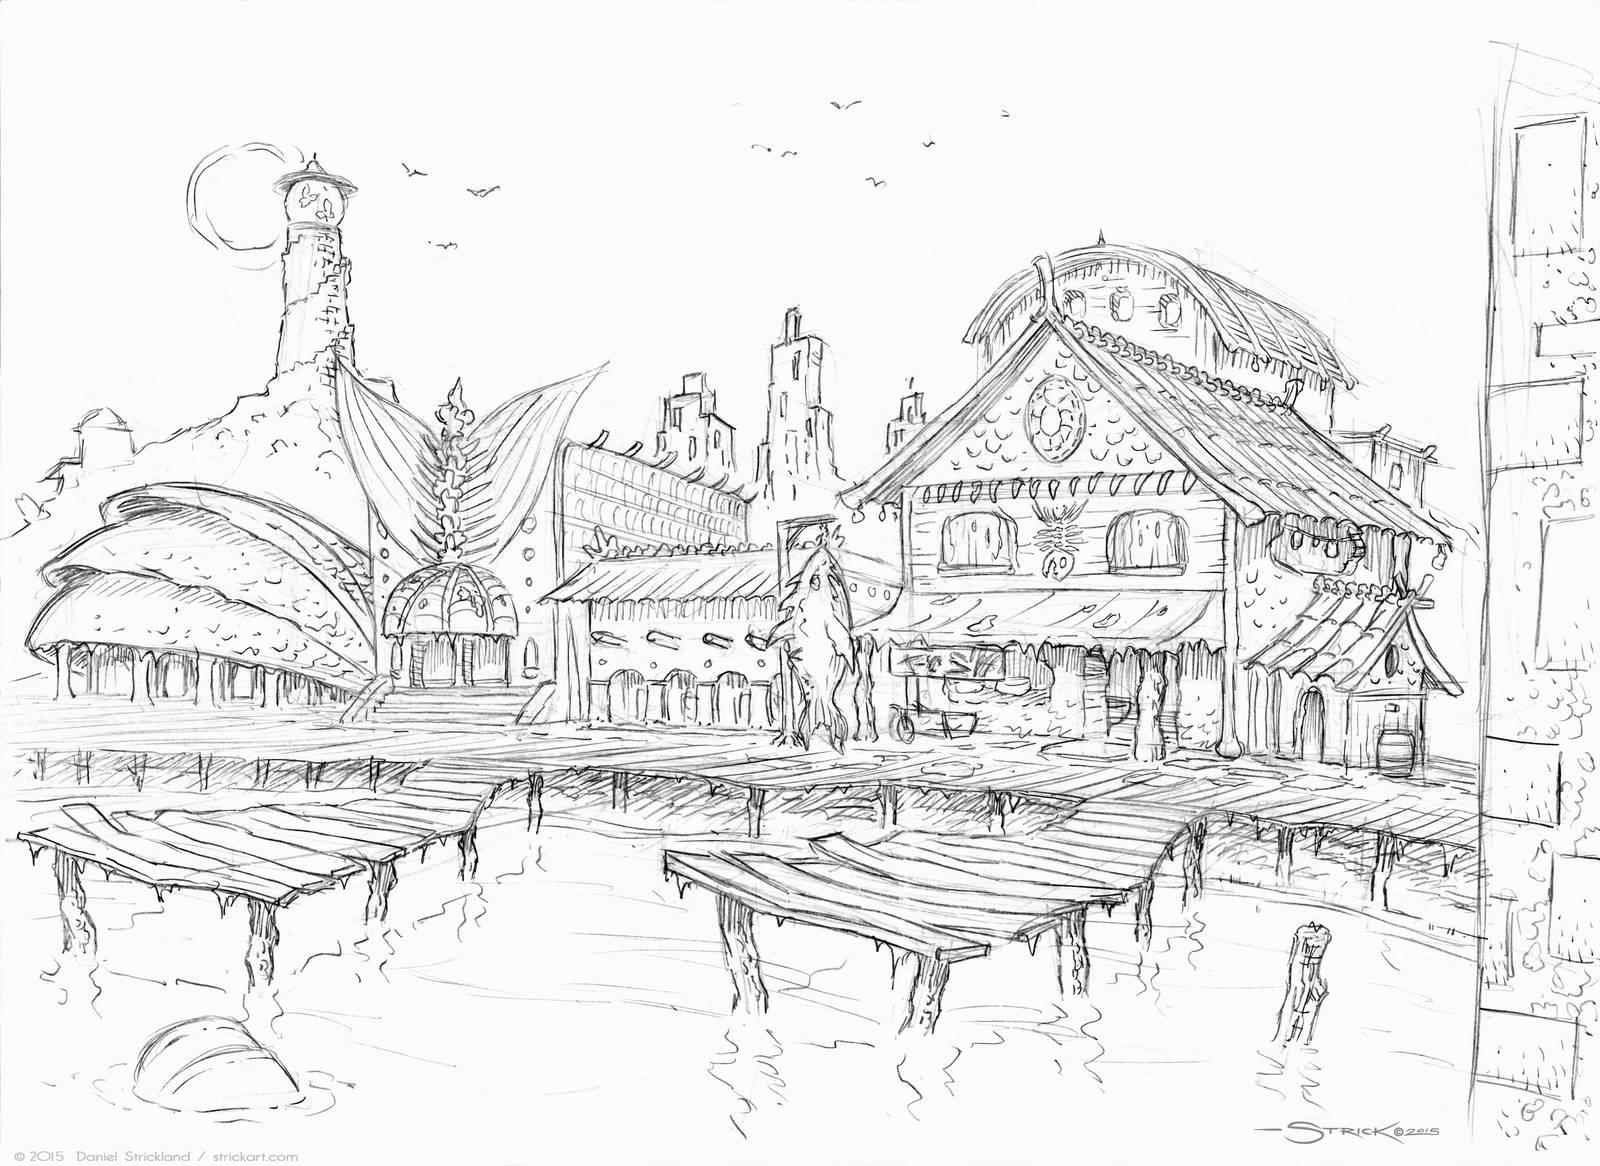 The Docks sketch by strickart